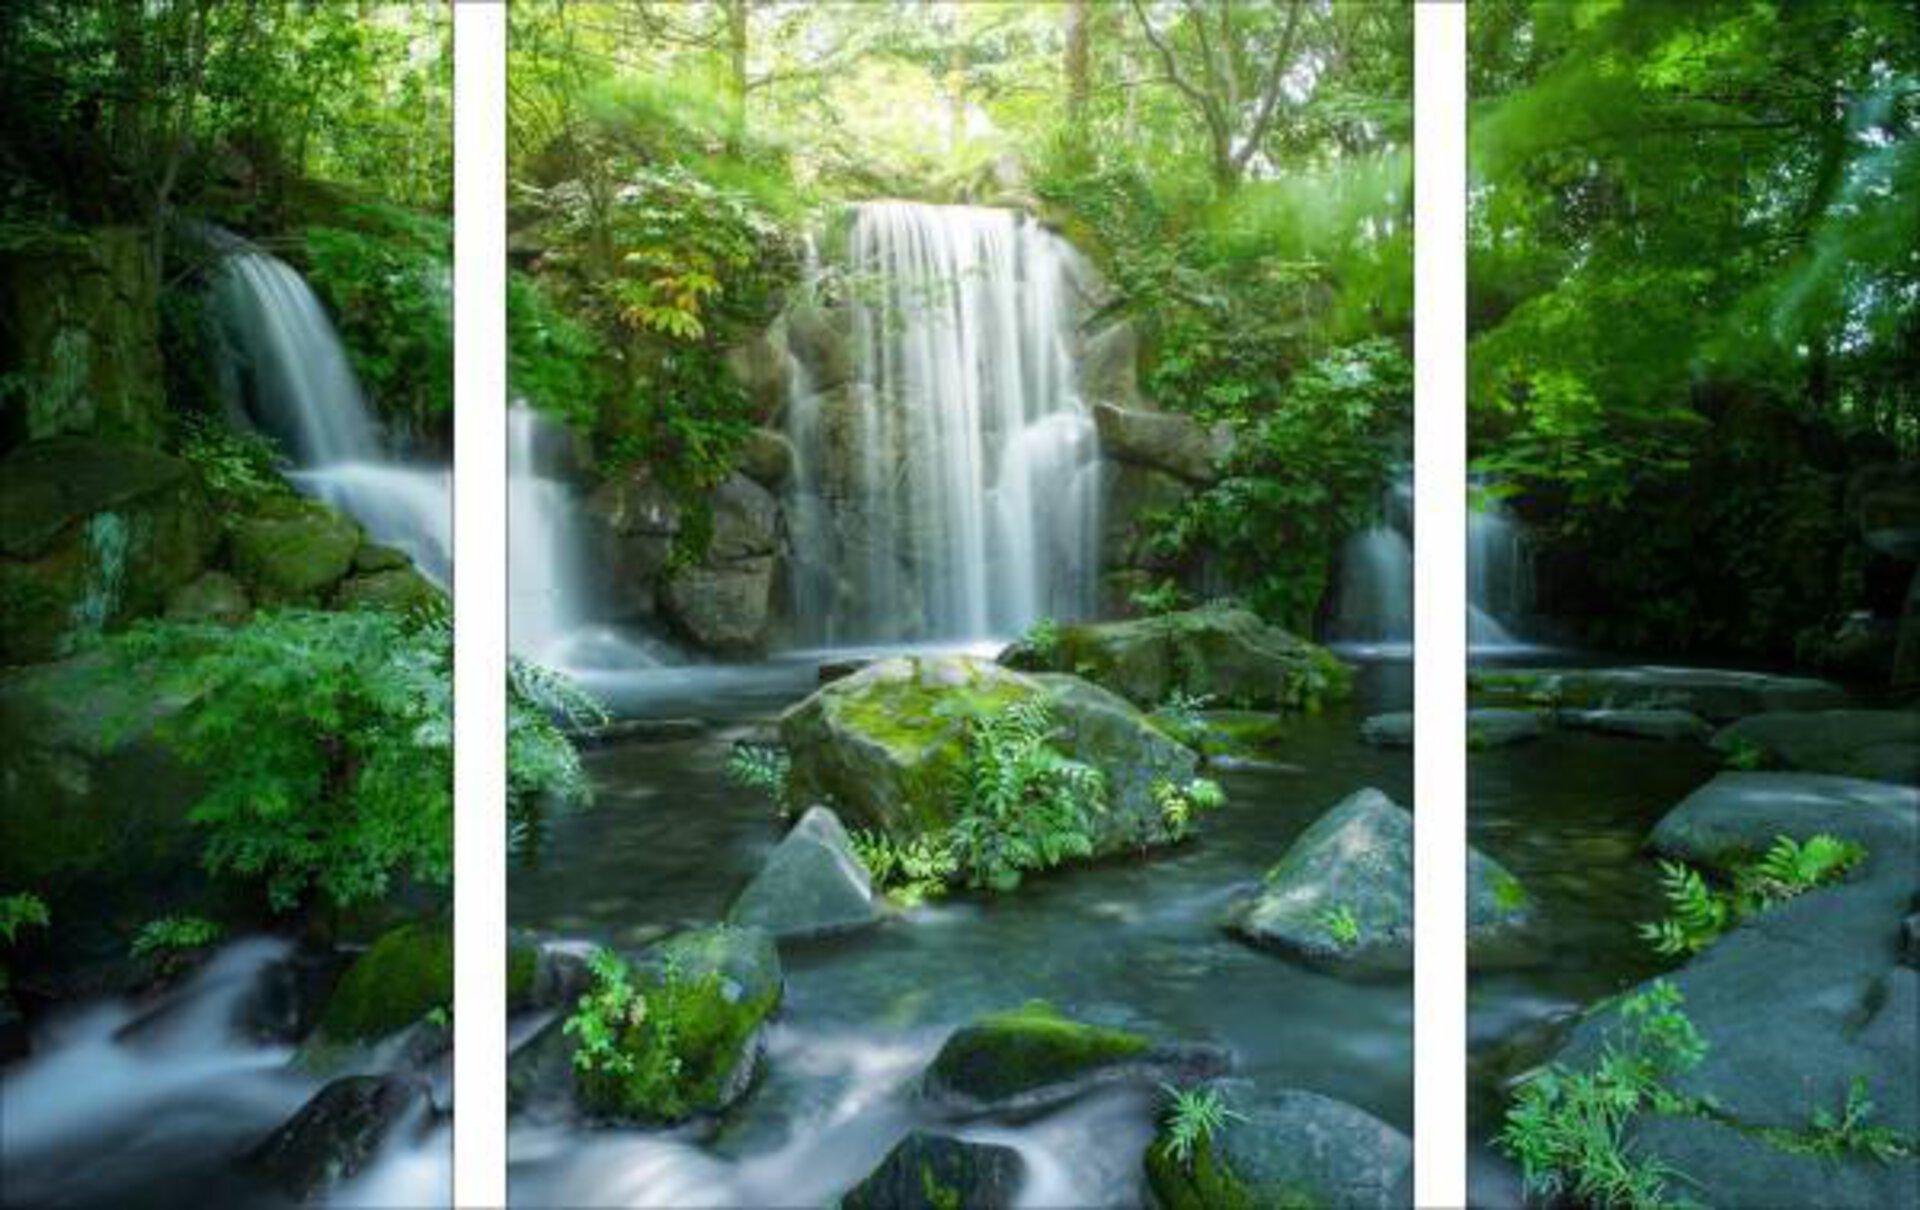 Bild Asian Waterfall Pro-Art Glas 120 x 80 x 1 cm